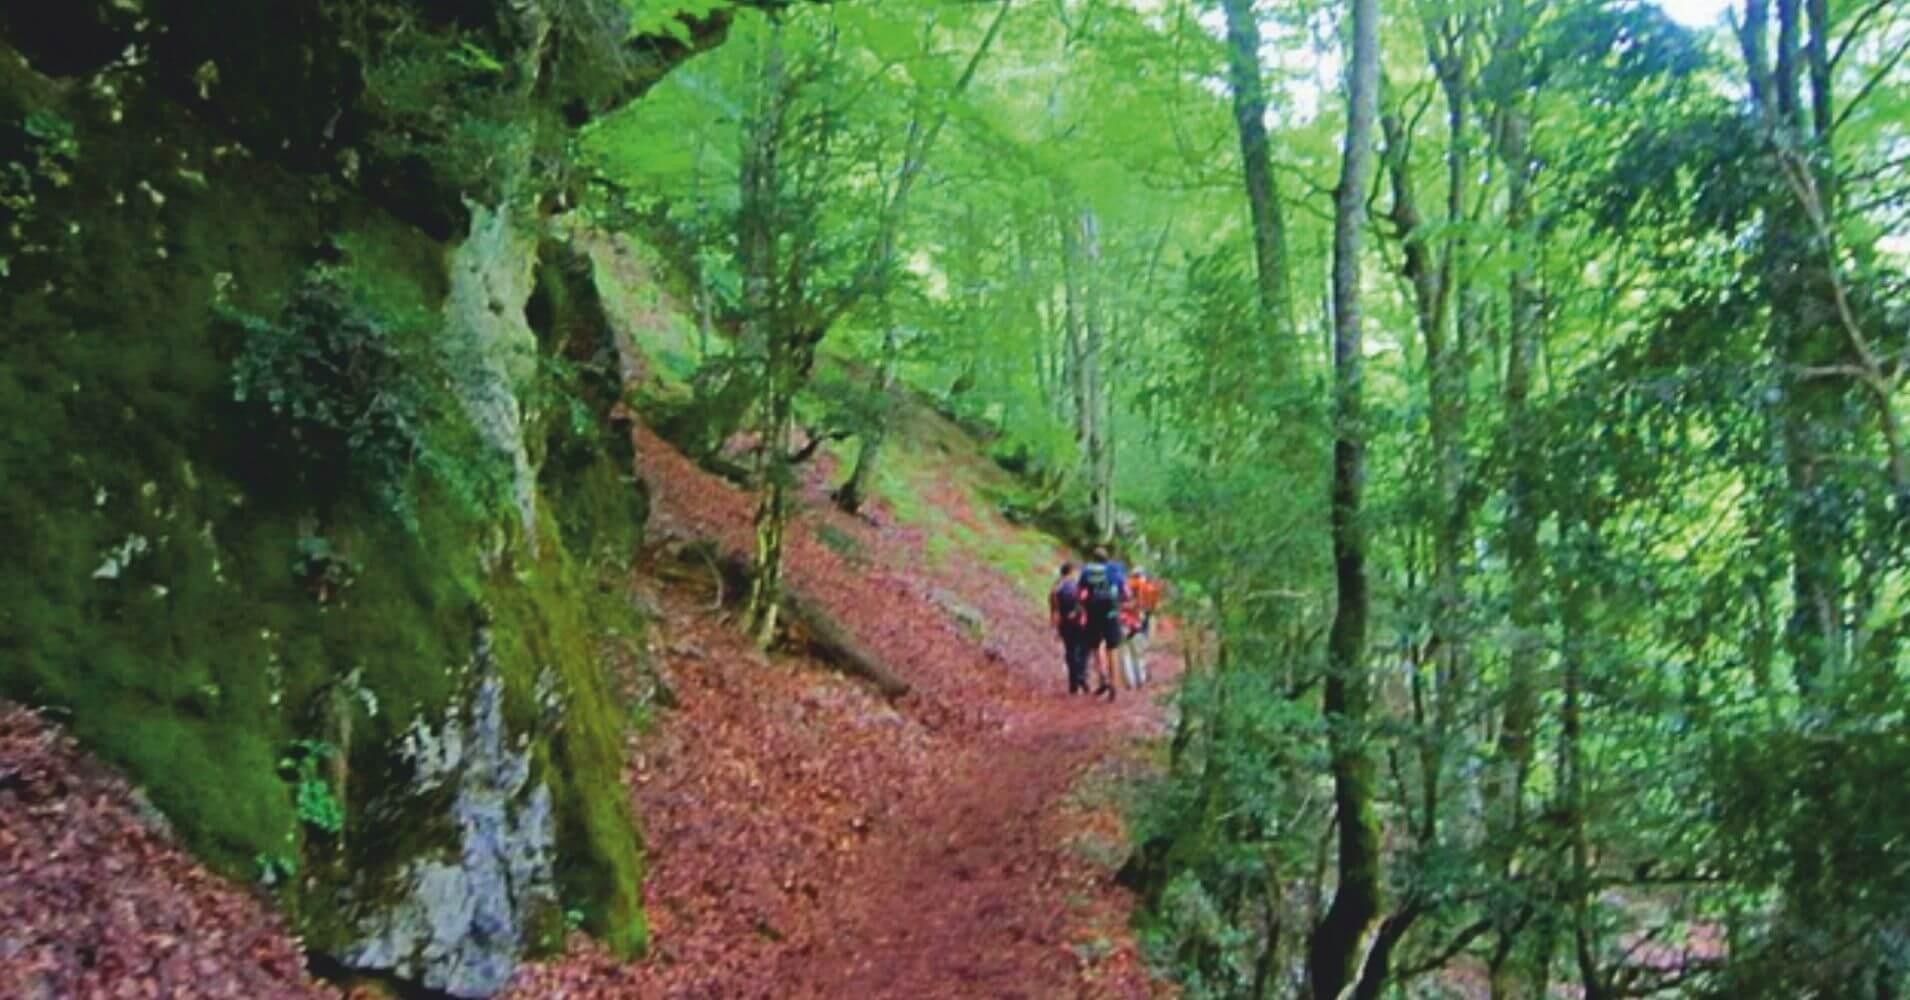 Bosque de Pacq (Bois du Pacq). Valle de Aspe. Nueva Aquitania. Pirineos Atlánticos. Francia.